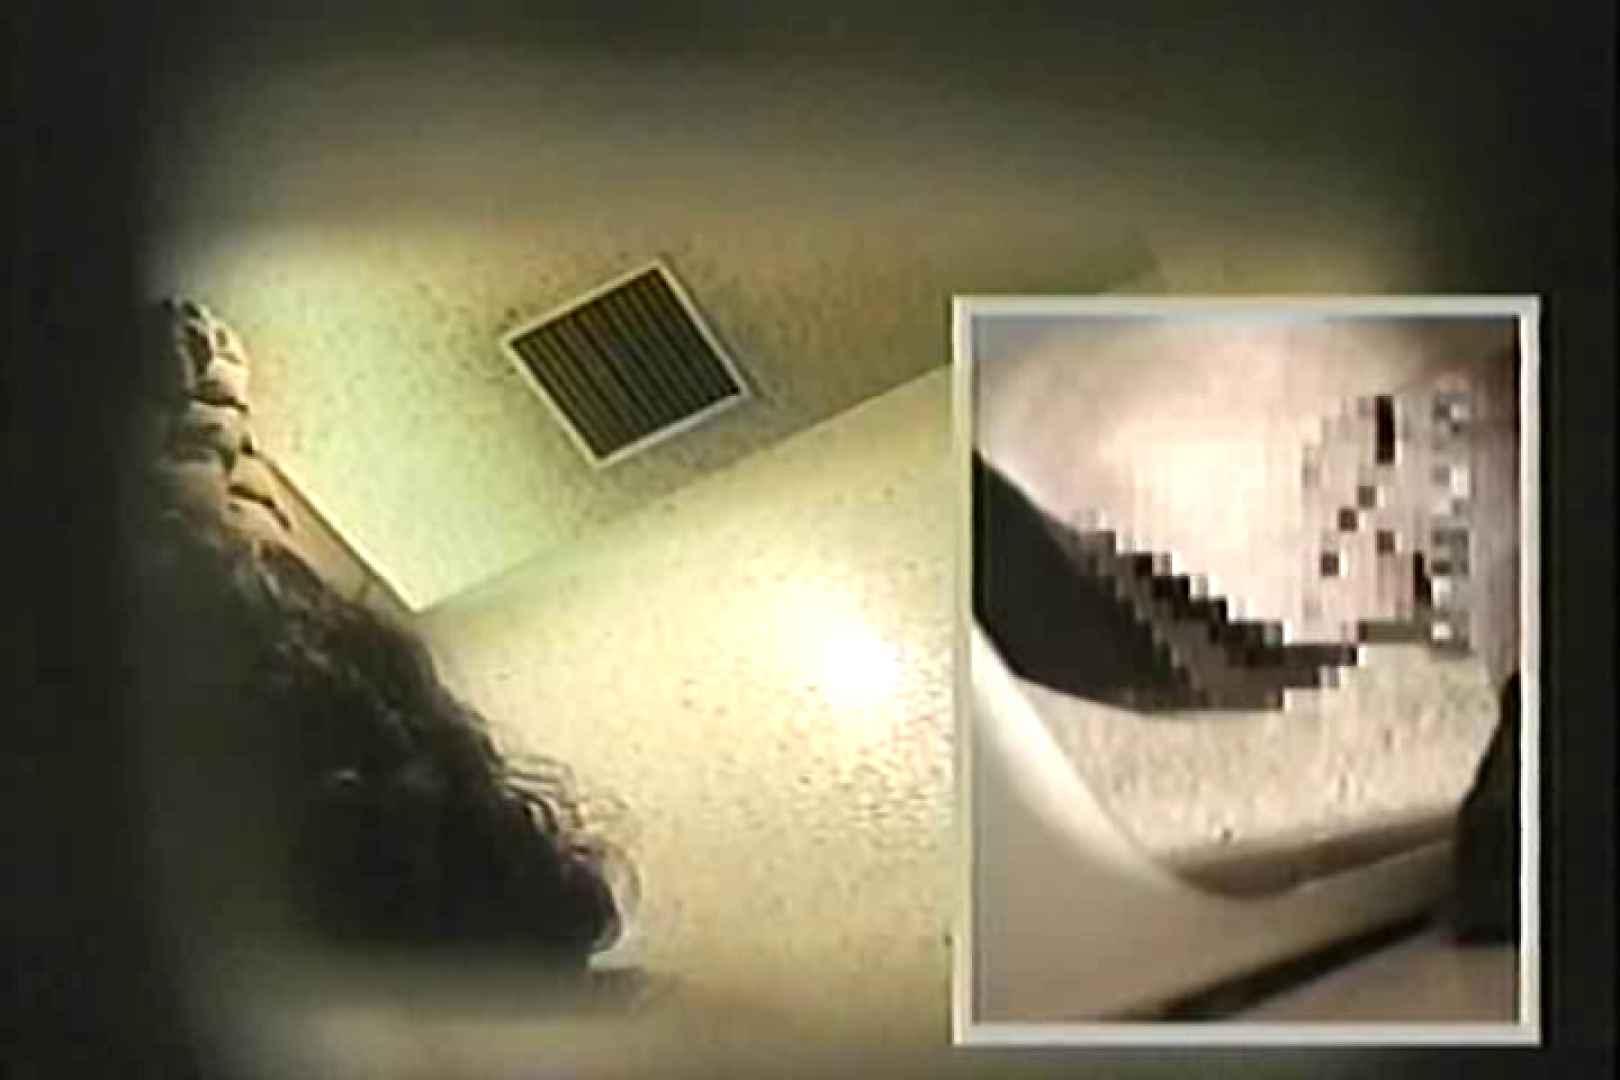 女子洗面所盗撮 今度の2カメは若い子だらけ  TK-127 小悪魔ギャル  49連発 20